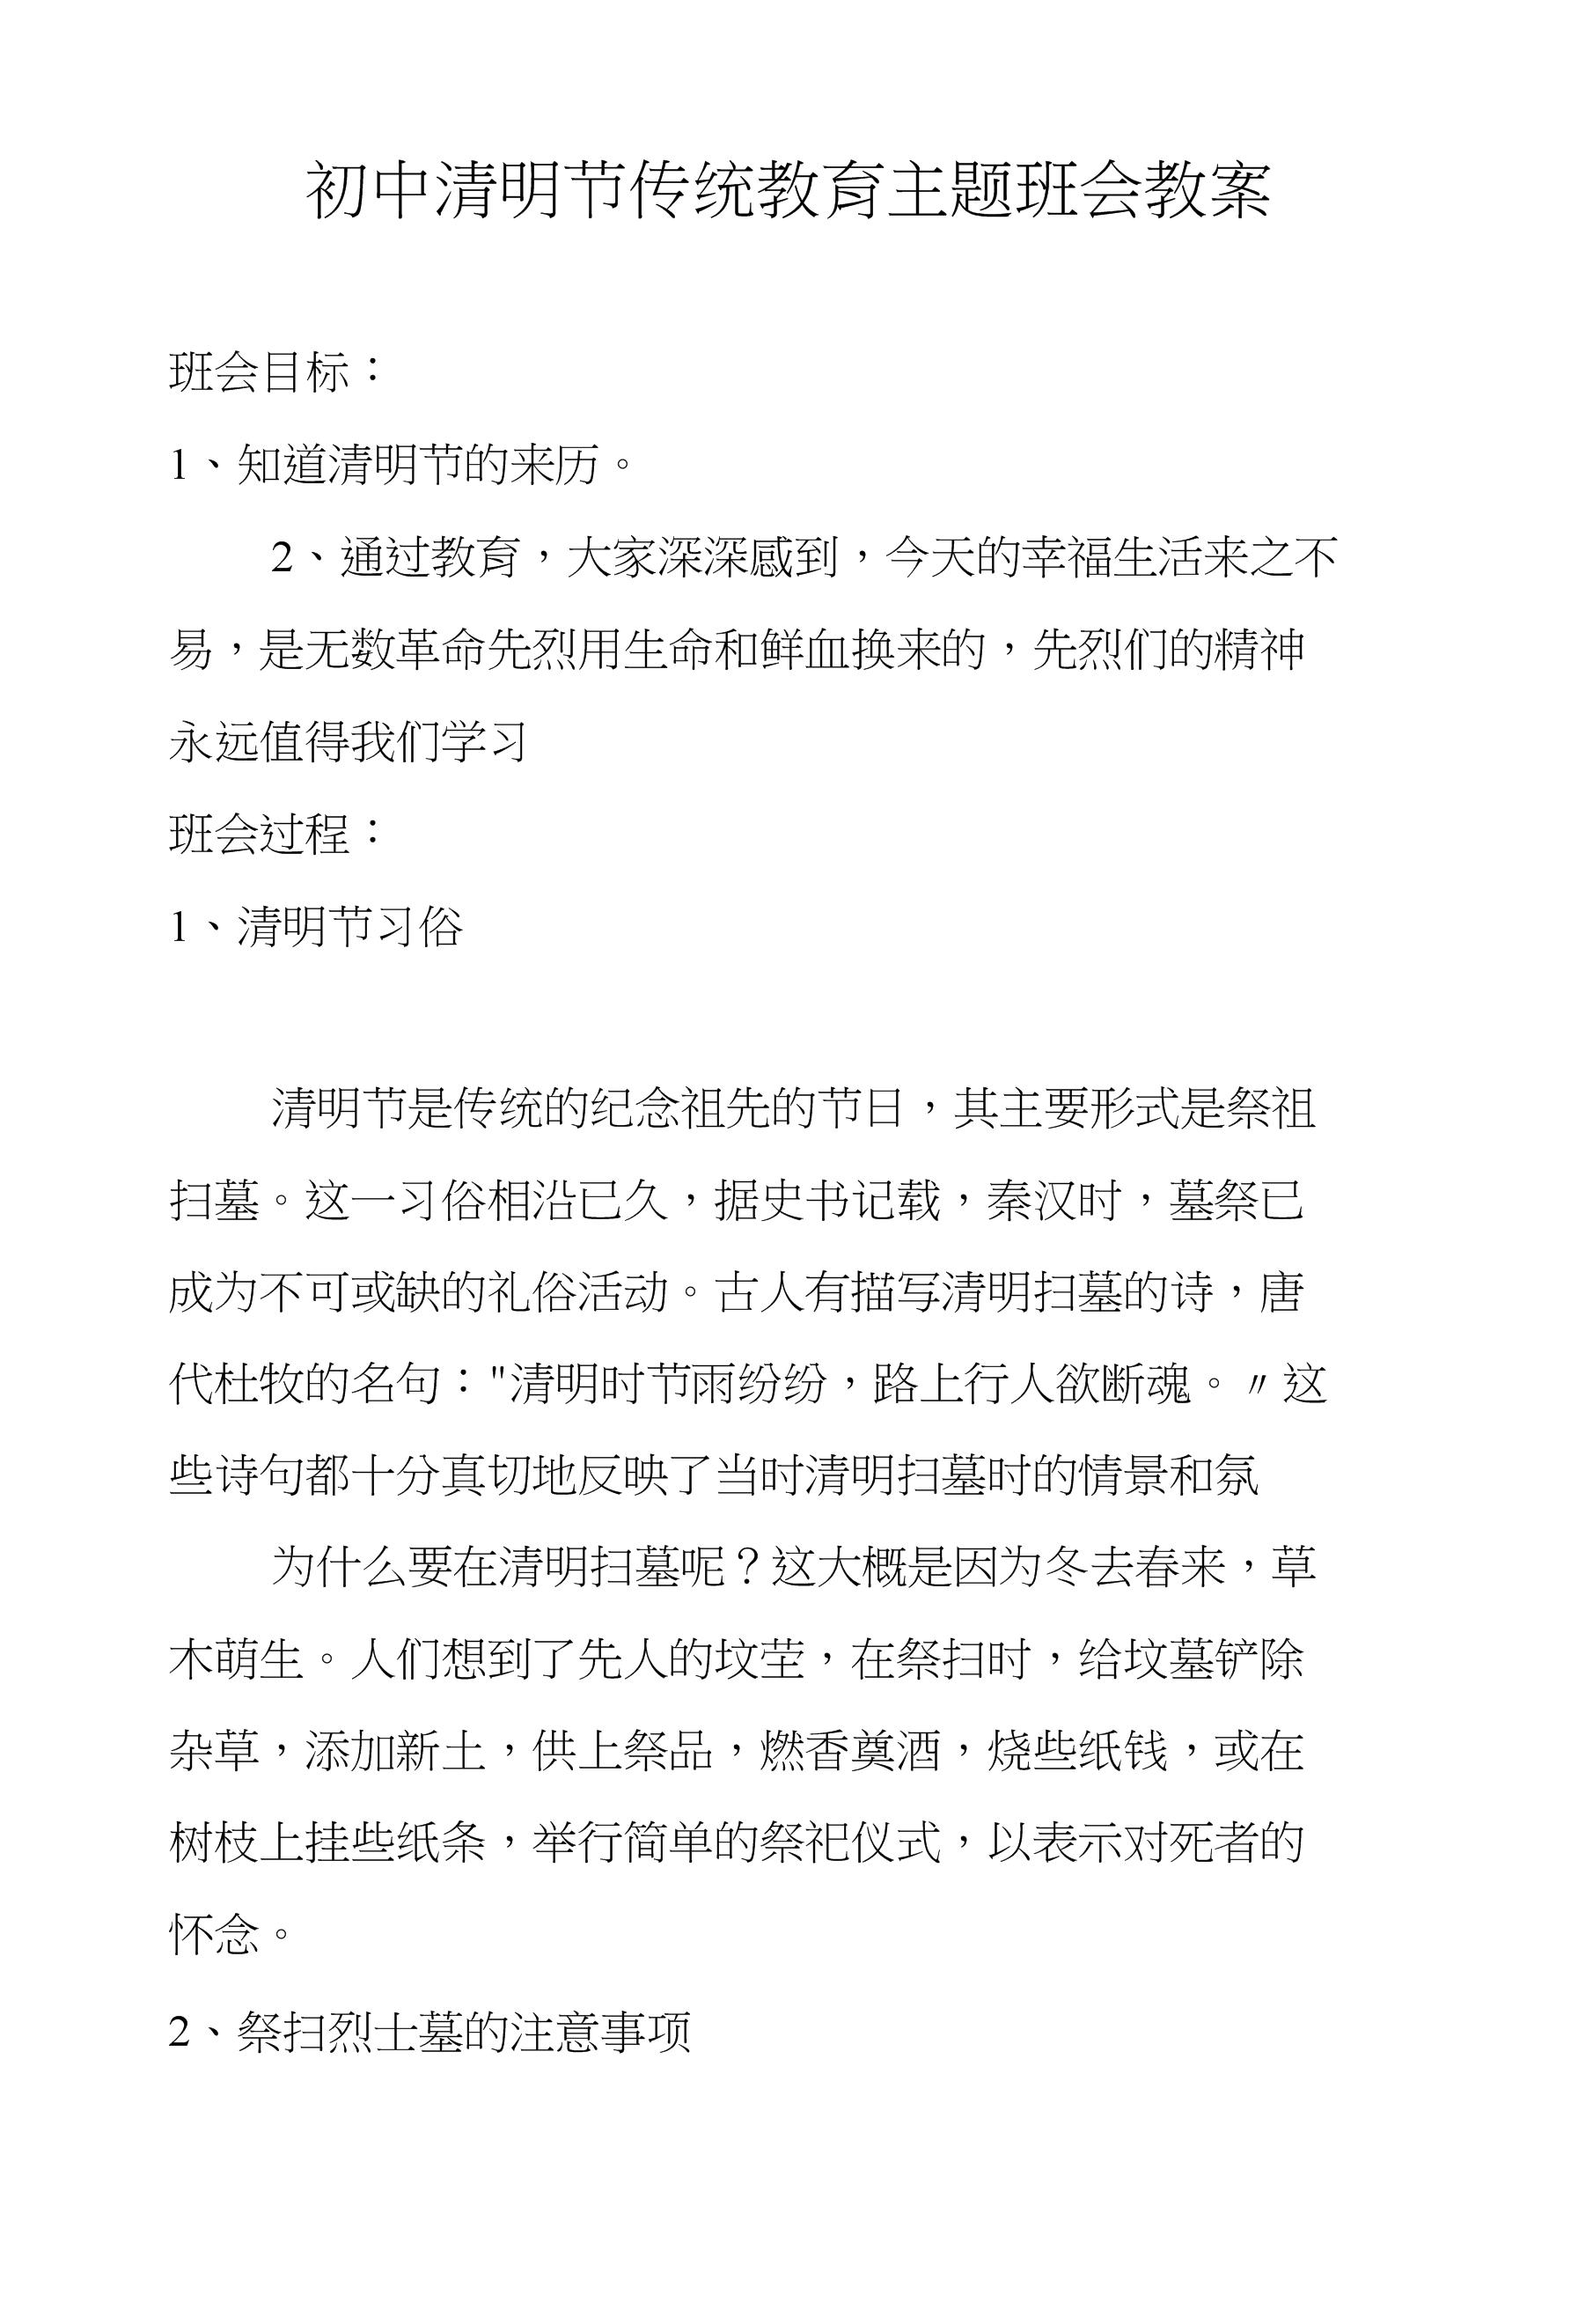 初中清明节初中v初中主题班教案.doc接传统尺内作图规圆图片